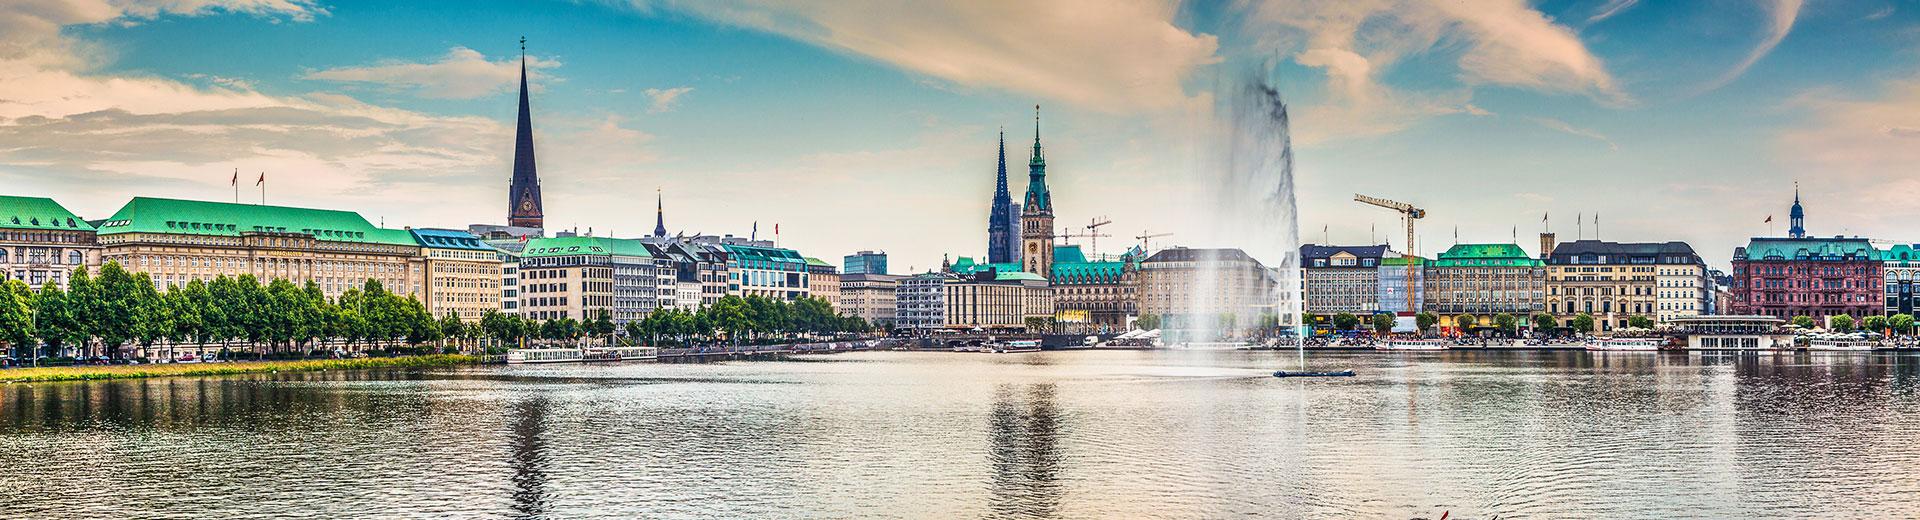 Voyage en groupe Hambourg - offre économique vol